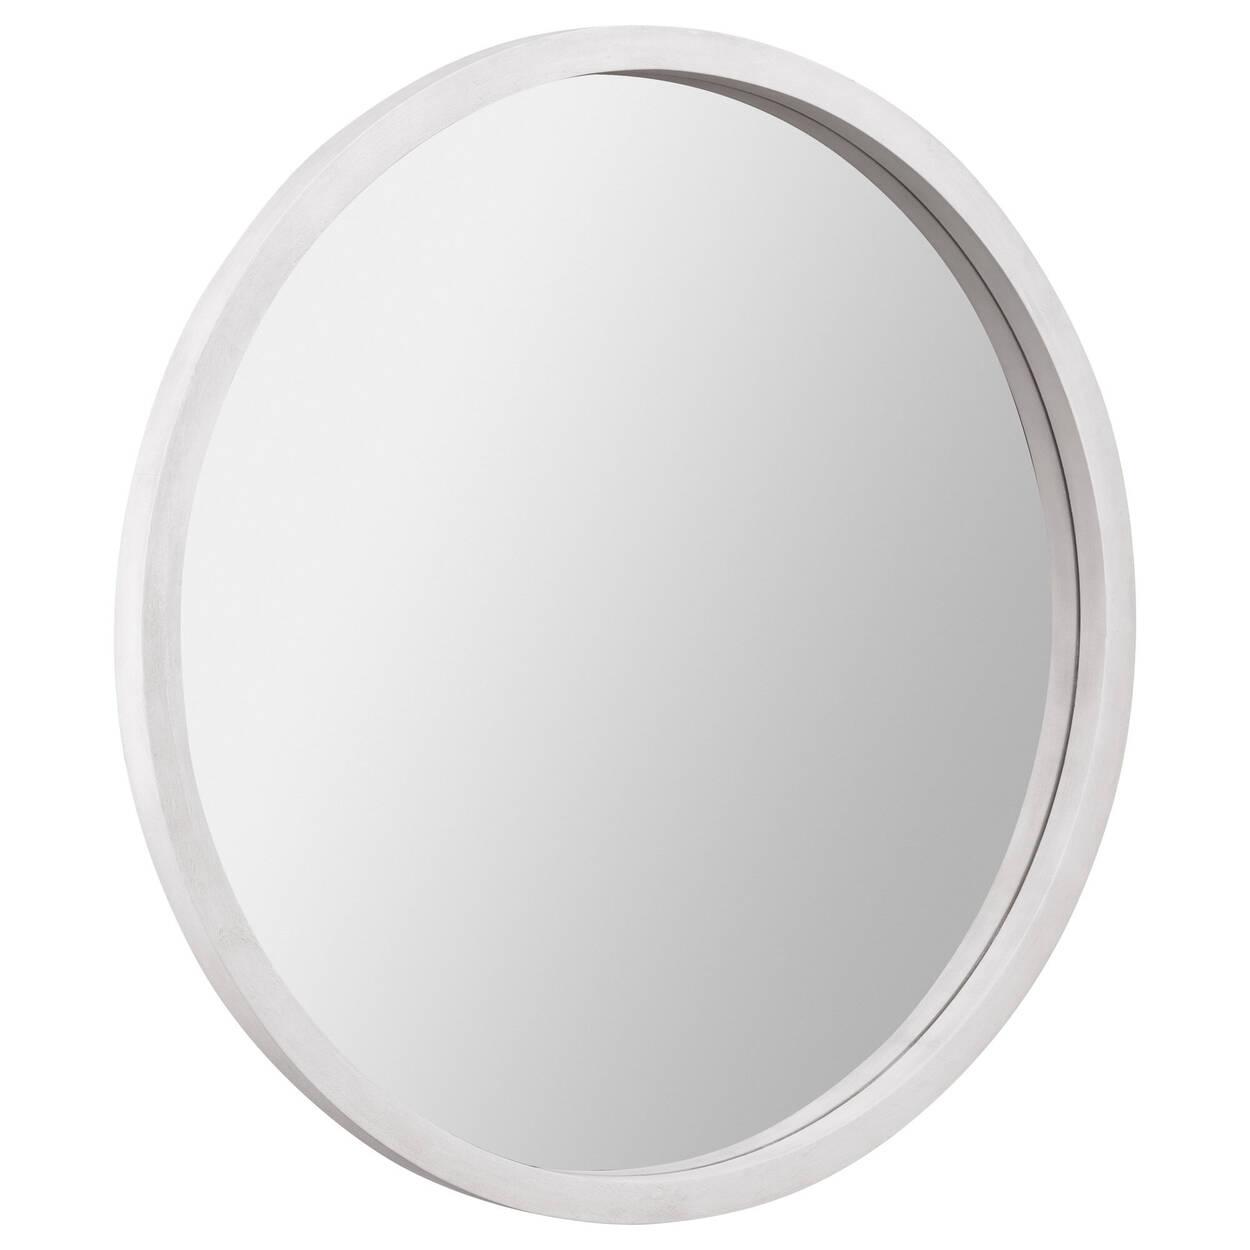 Miroir rond avec cadre